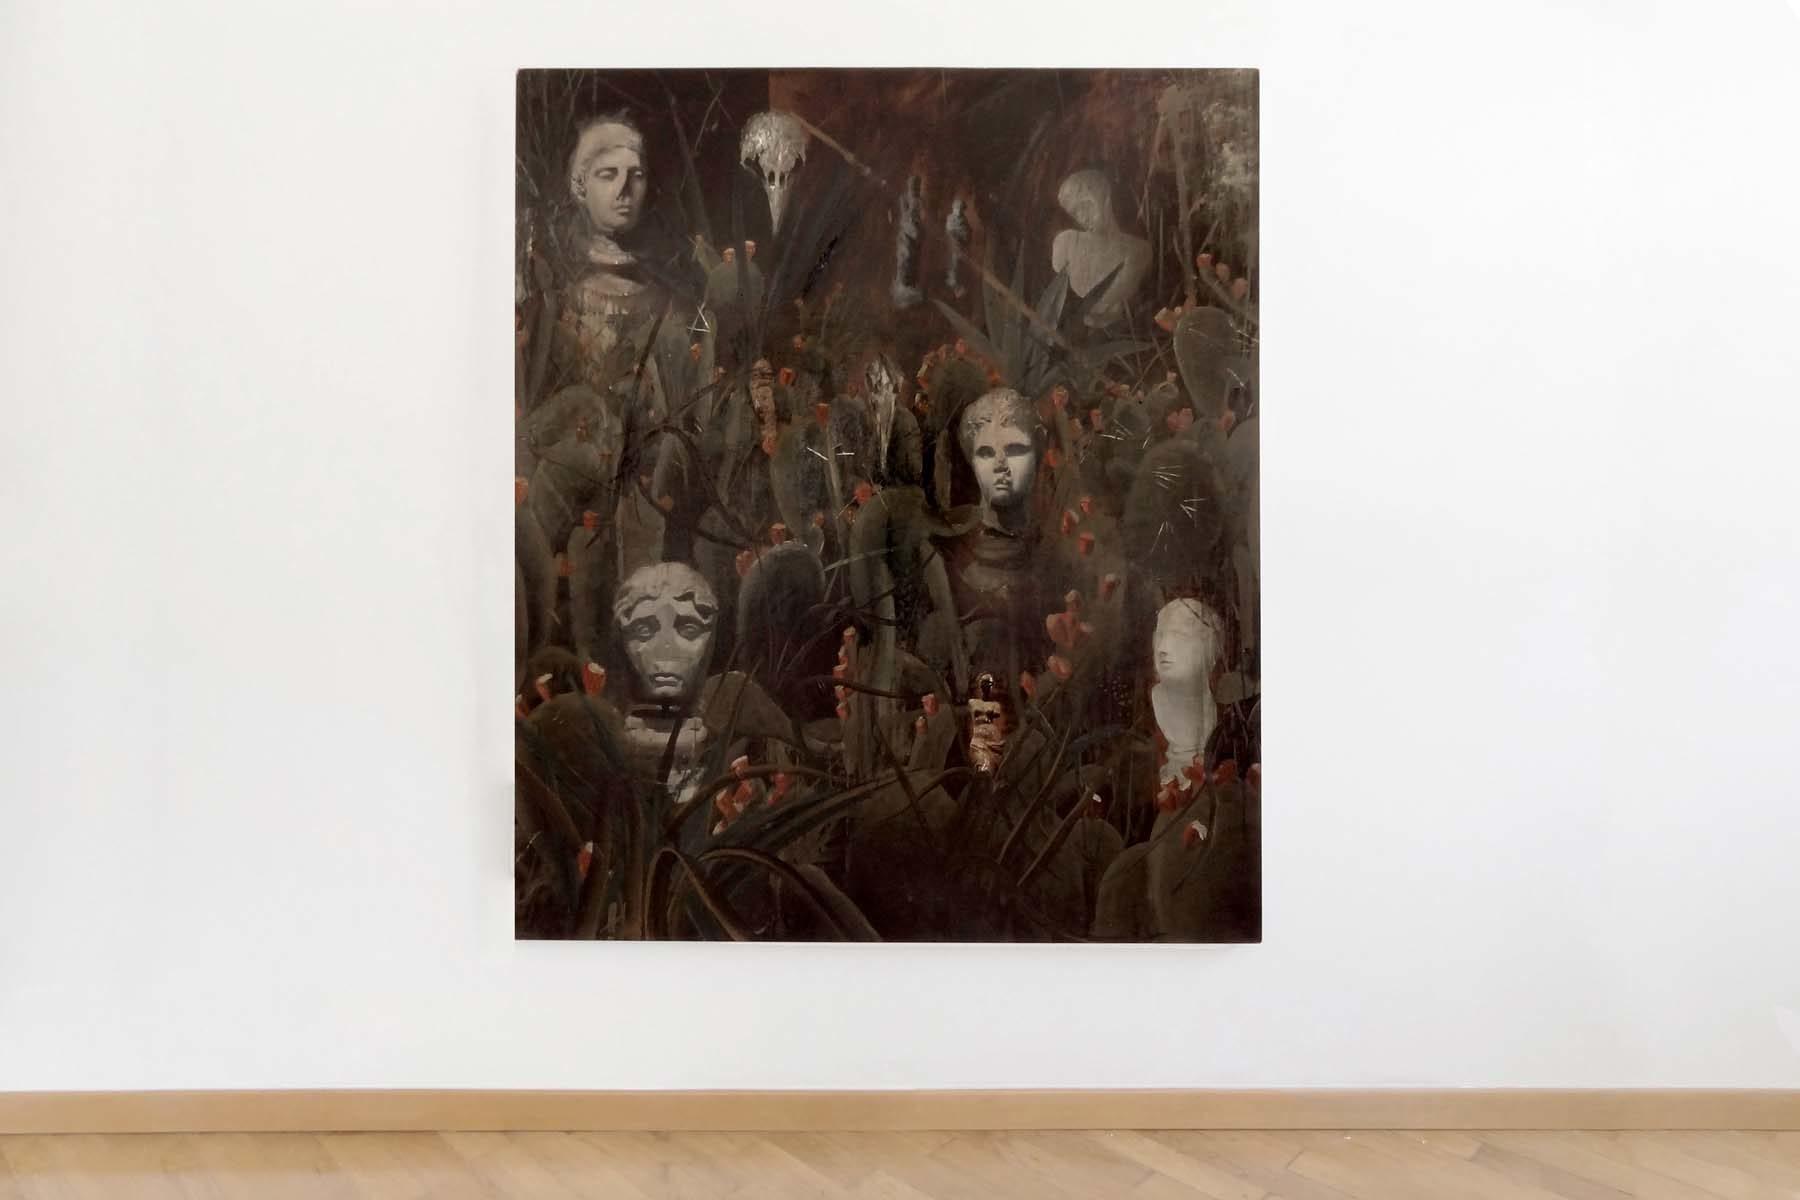 Andrei Ciurdarescu, Me in the garden, show view, Boccanera Gallery, Trento